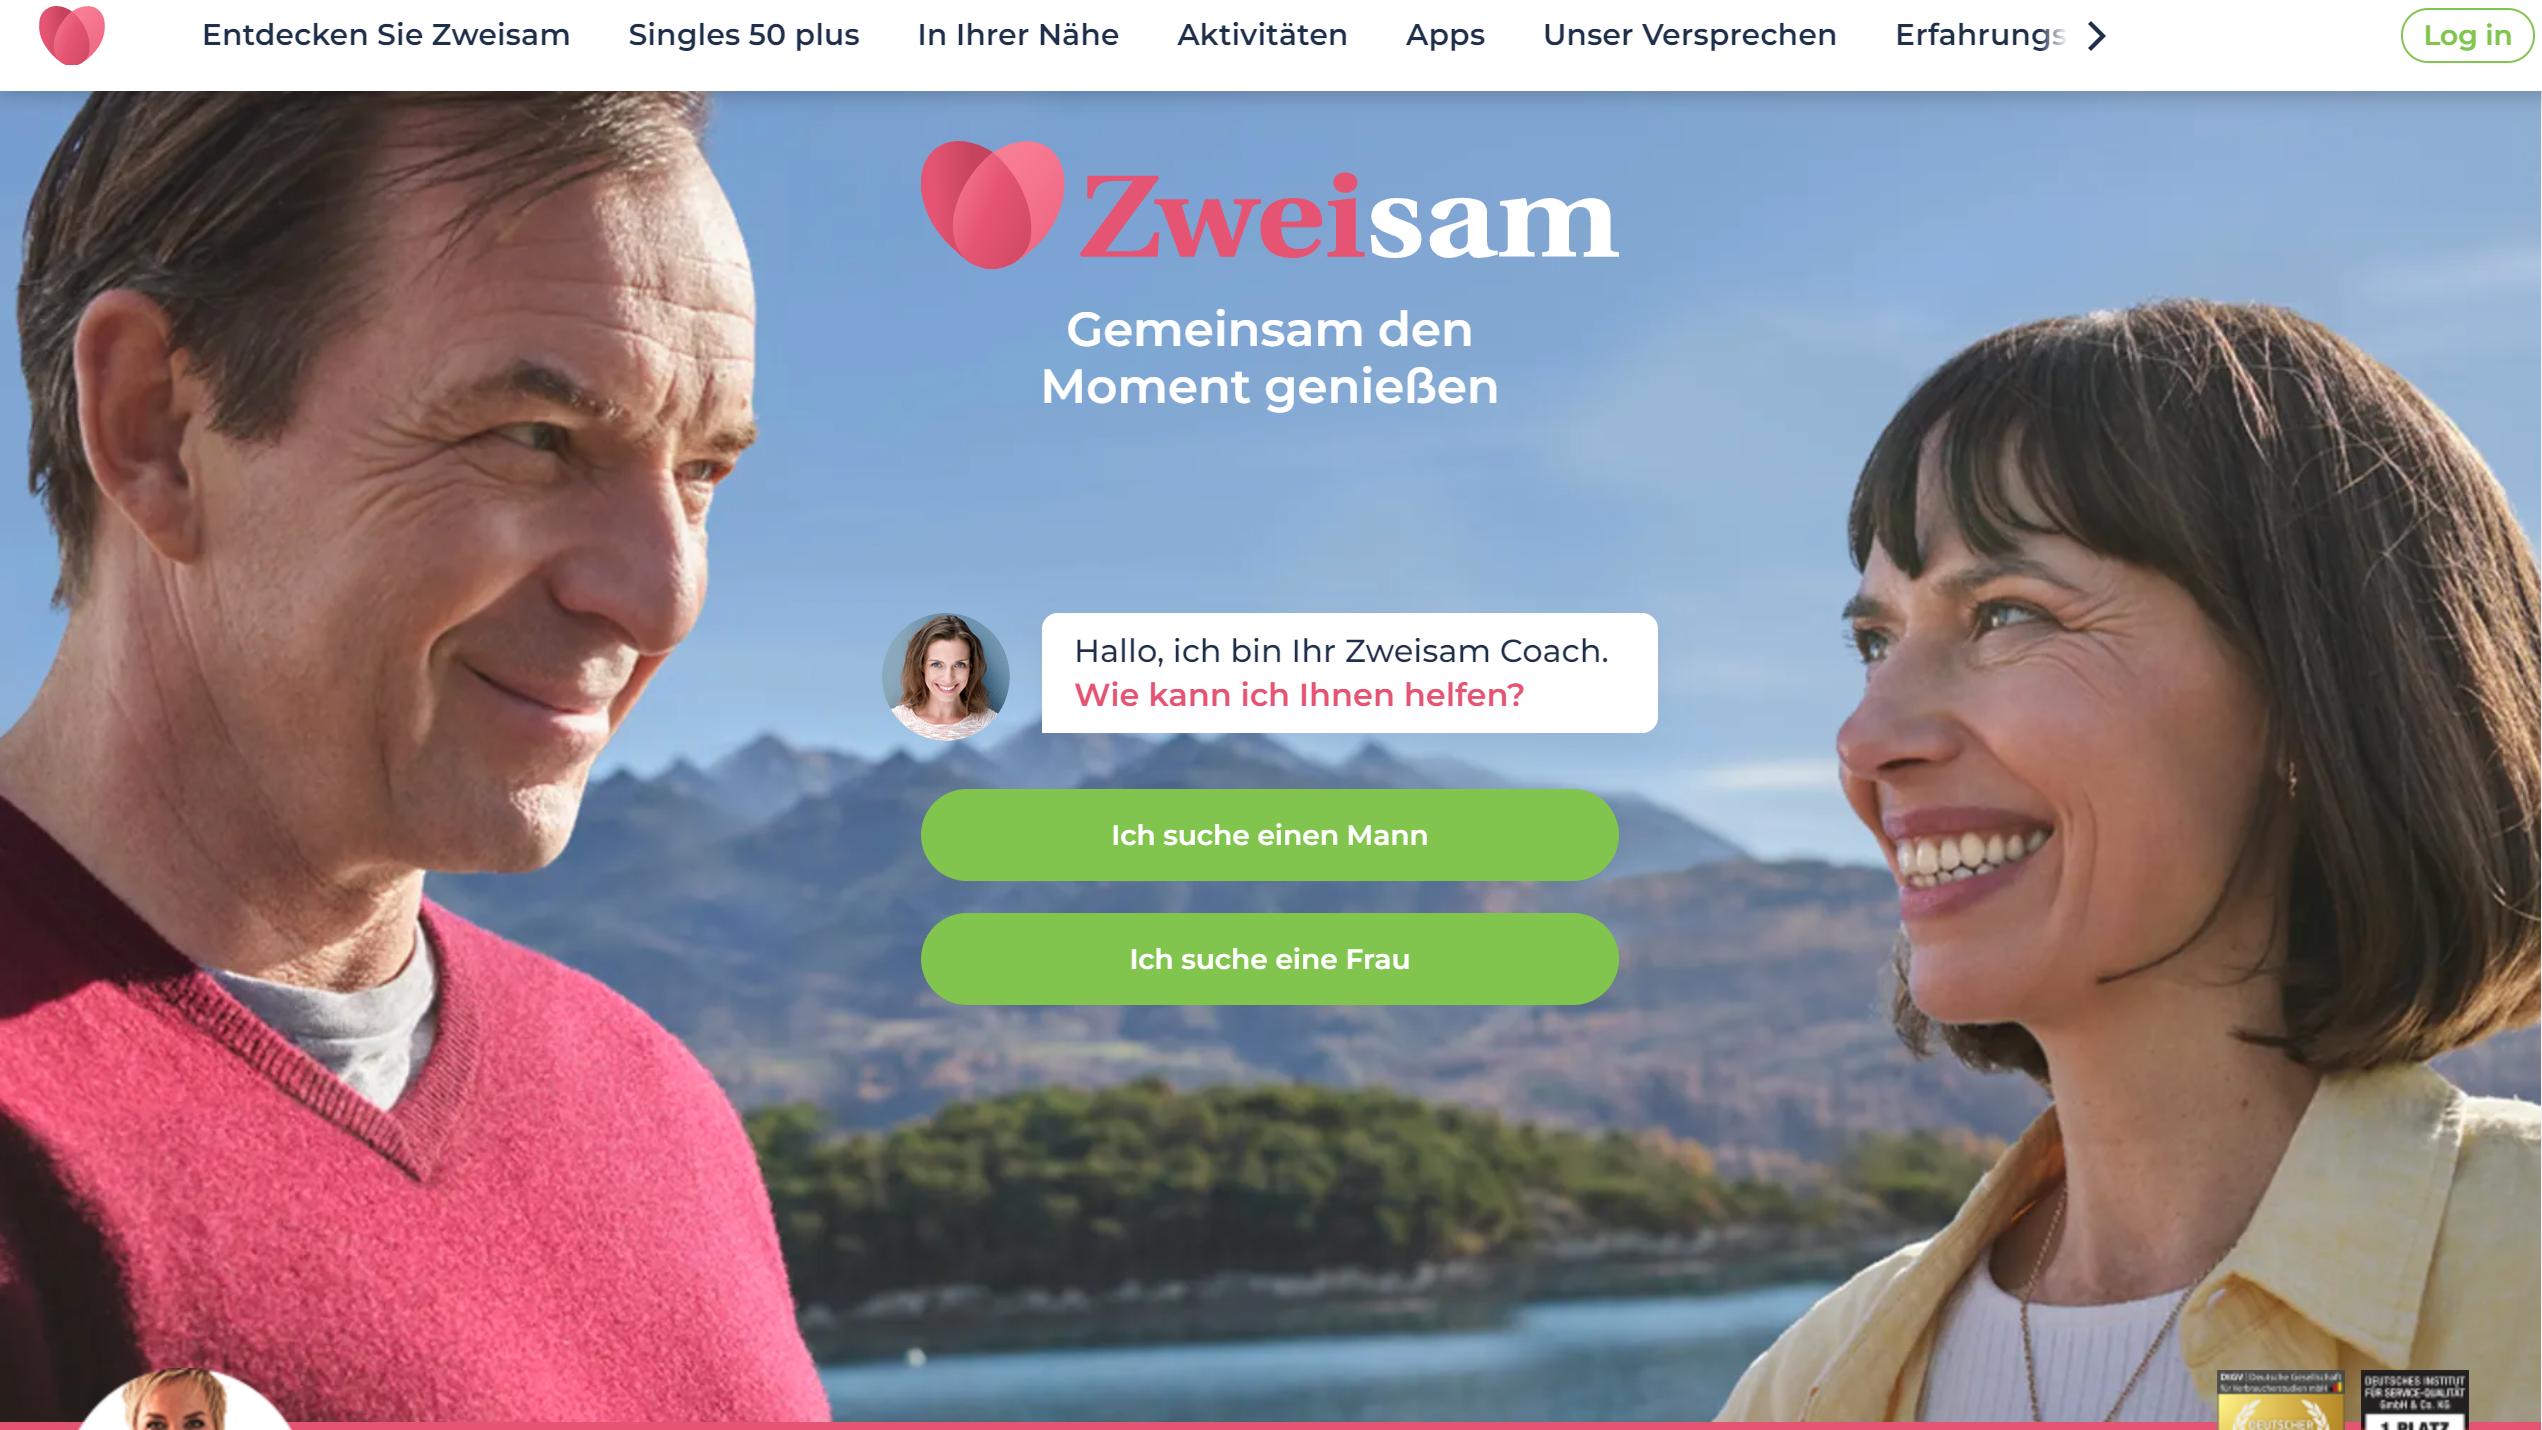 Für Ihre Dating-Erfahrung ab 50 Jahre ist Zweisam.de eine gute und seriöse Singlebörse